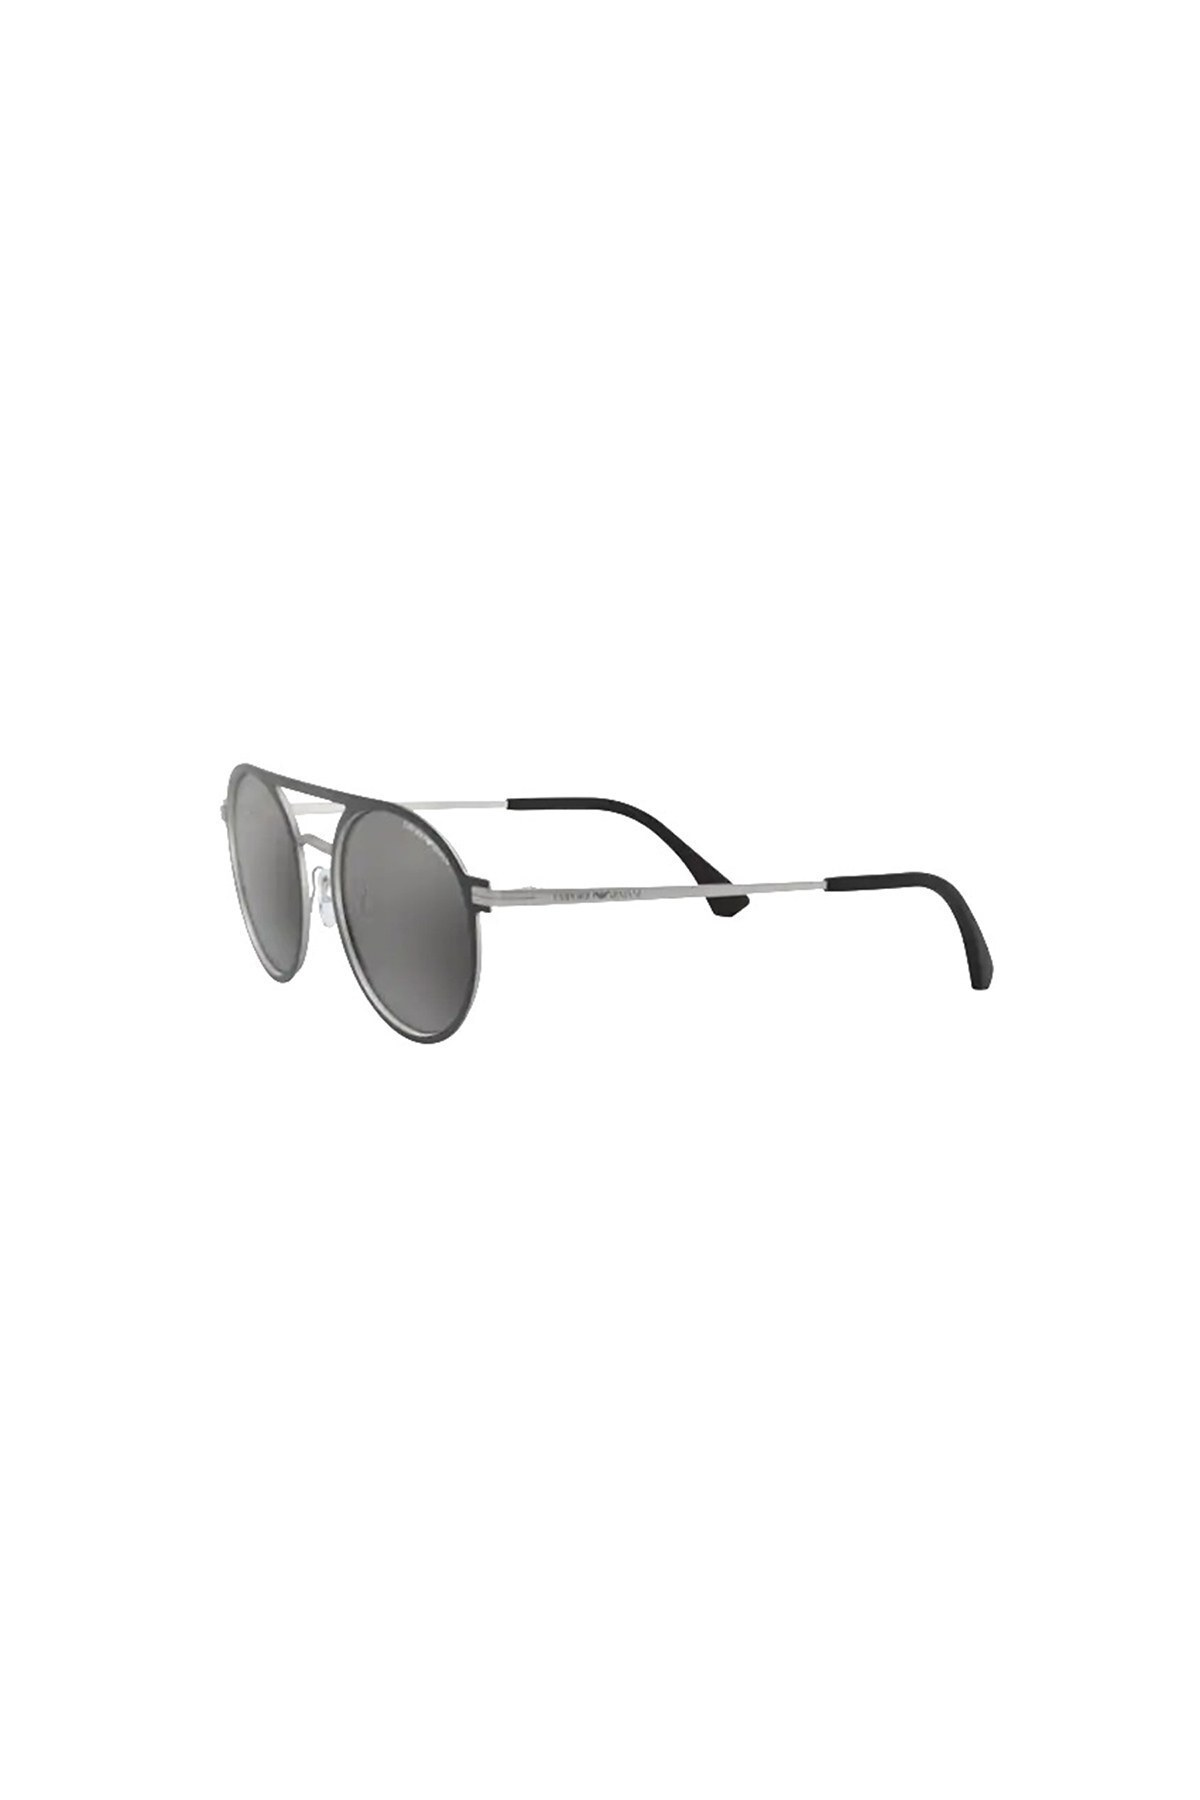 Emporio Armani Erkek Gözlük 0EA2080 30016G 53 SİYAH